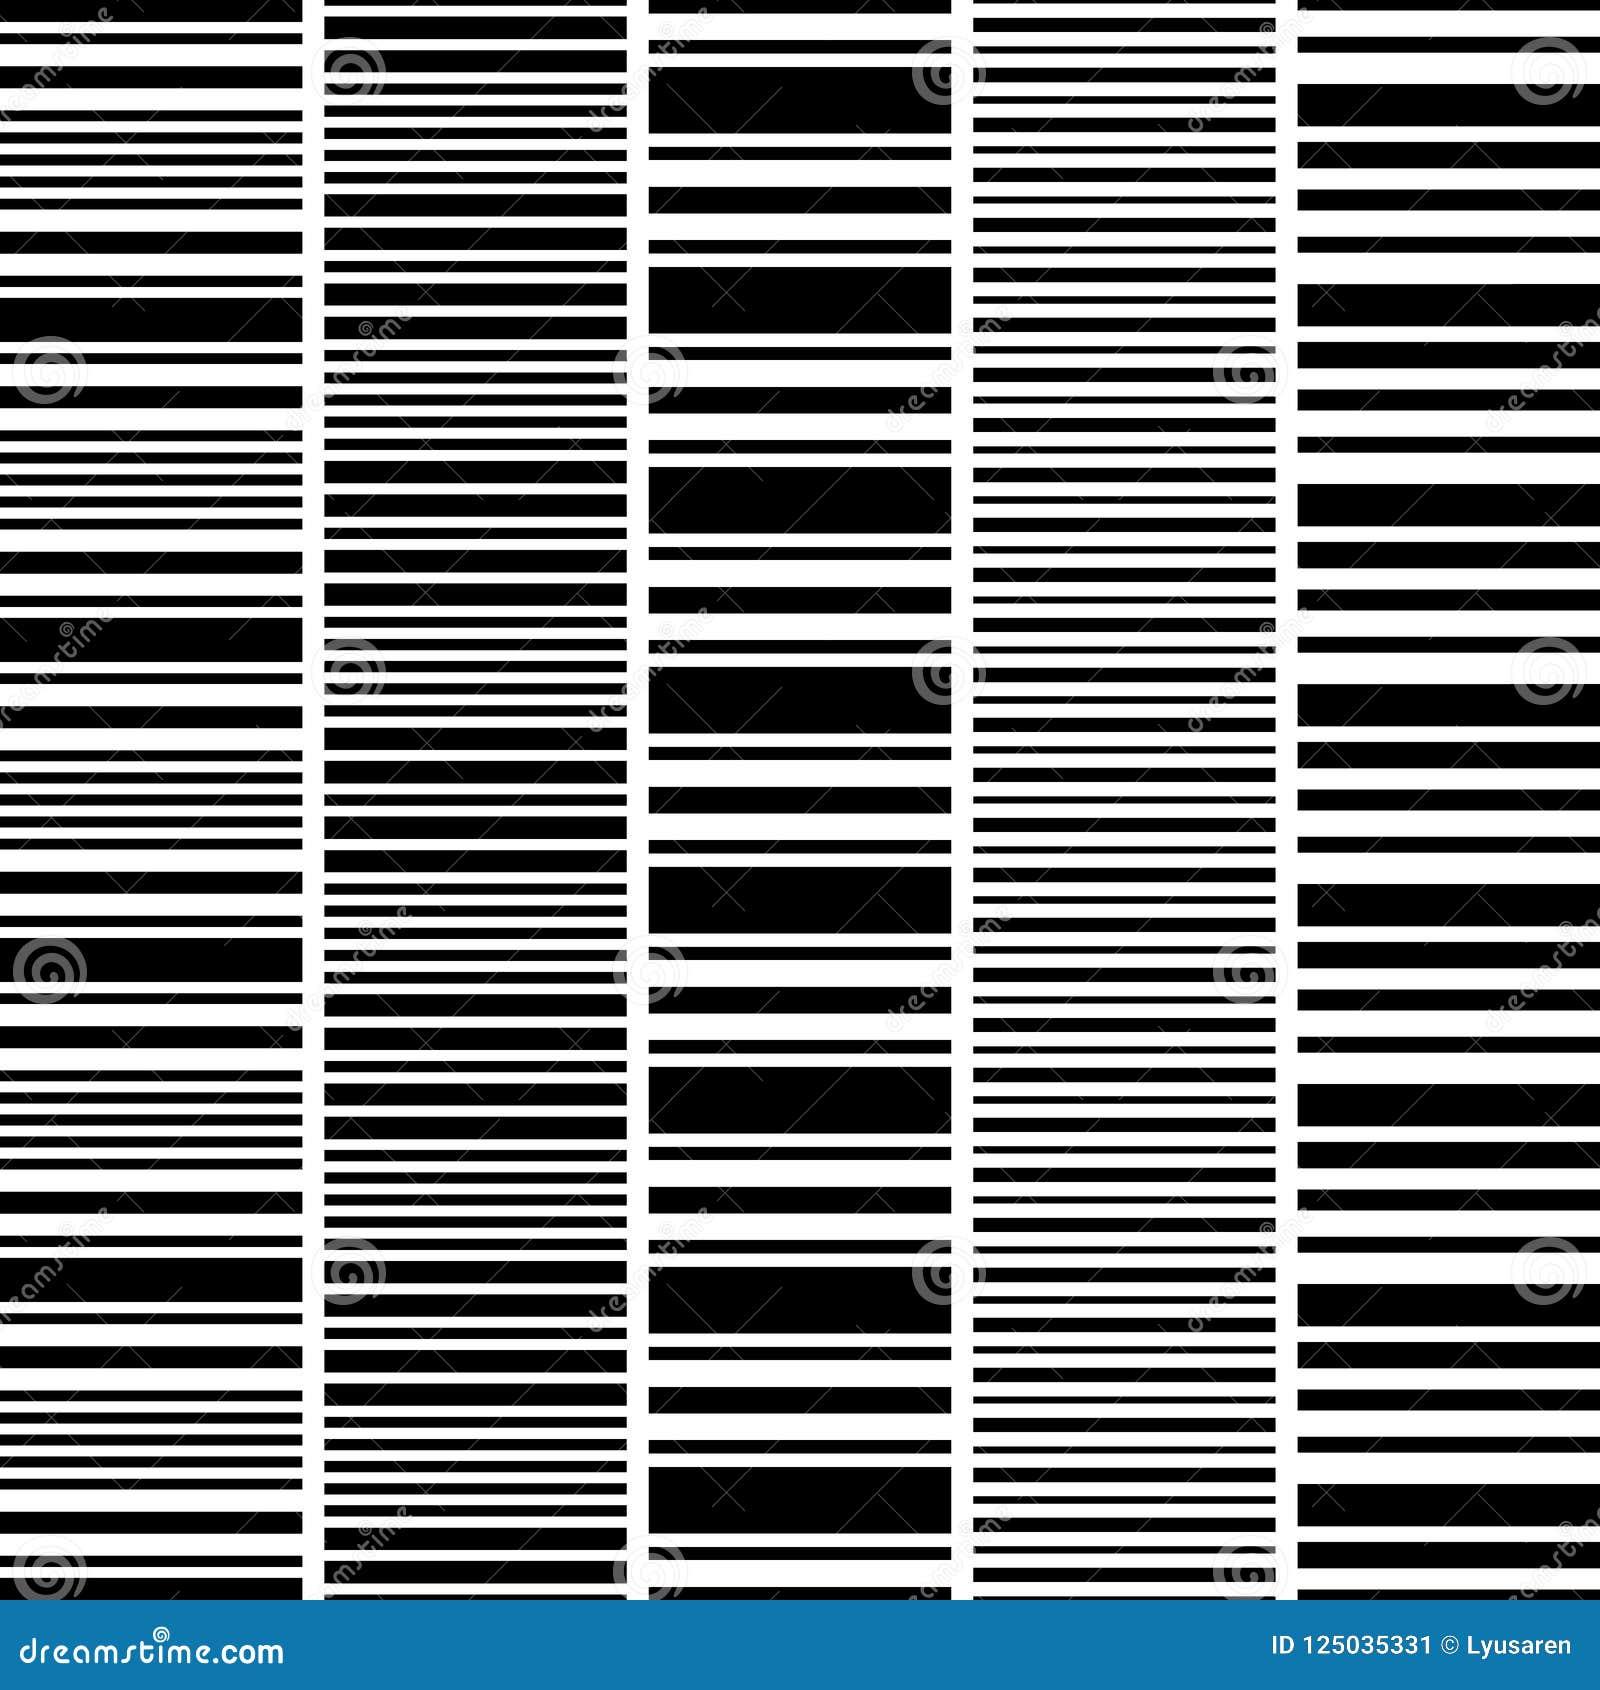 set of seamless black white horizontal stripes